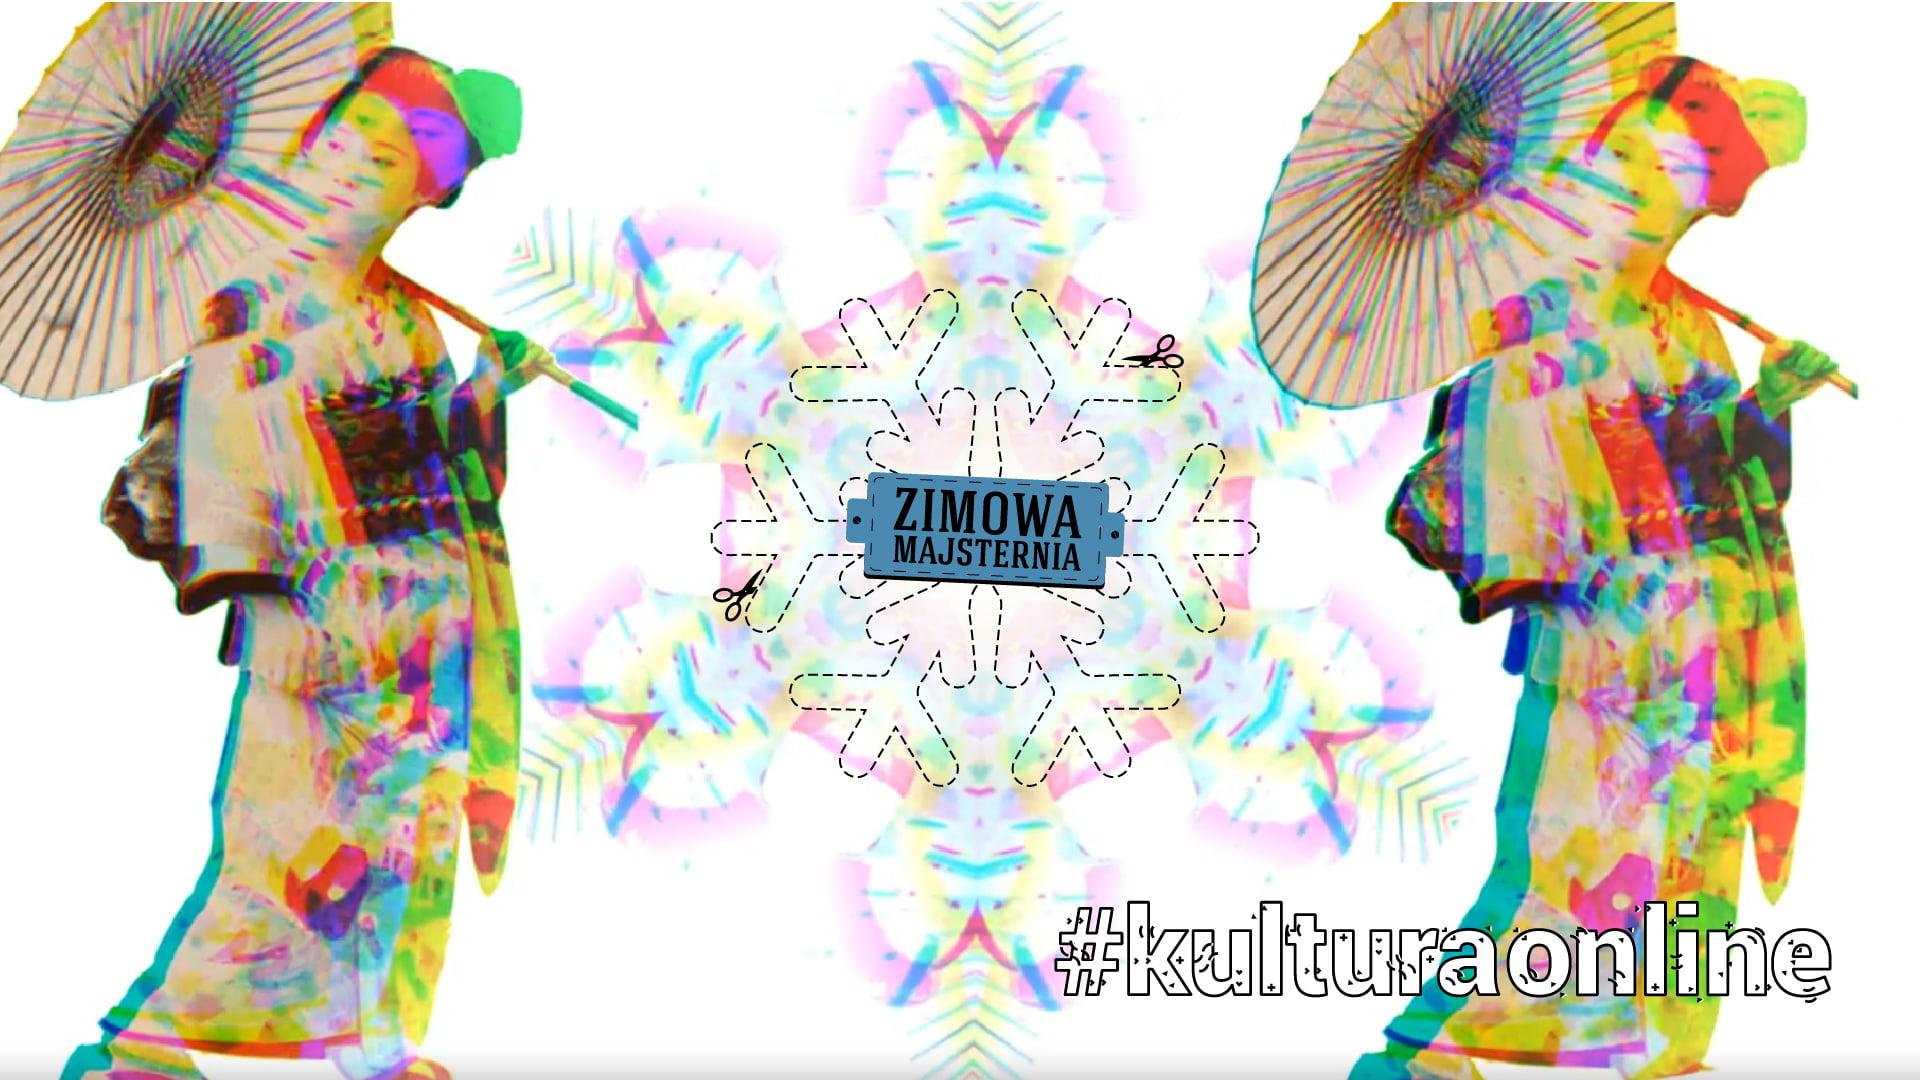 grafika promująca wydarzenie. Zdjęcie przedstawia dwe gejsze z parasolkami, z nałożonym efektem 3d. Pomiędzy nimi, płatek śniegu z napisem Zimowa Majsternia. Wszystko na białym tle. W prawym dolnym rogu hasztag kulturaonline.